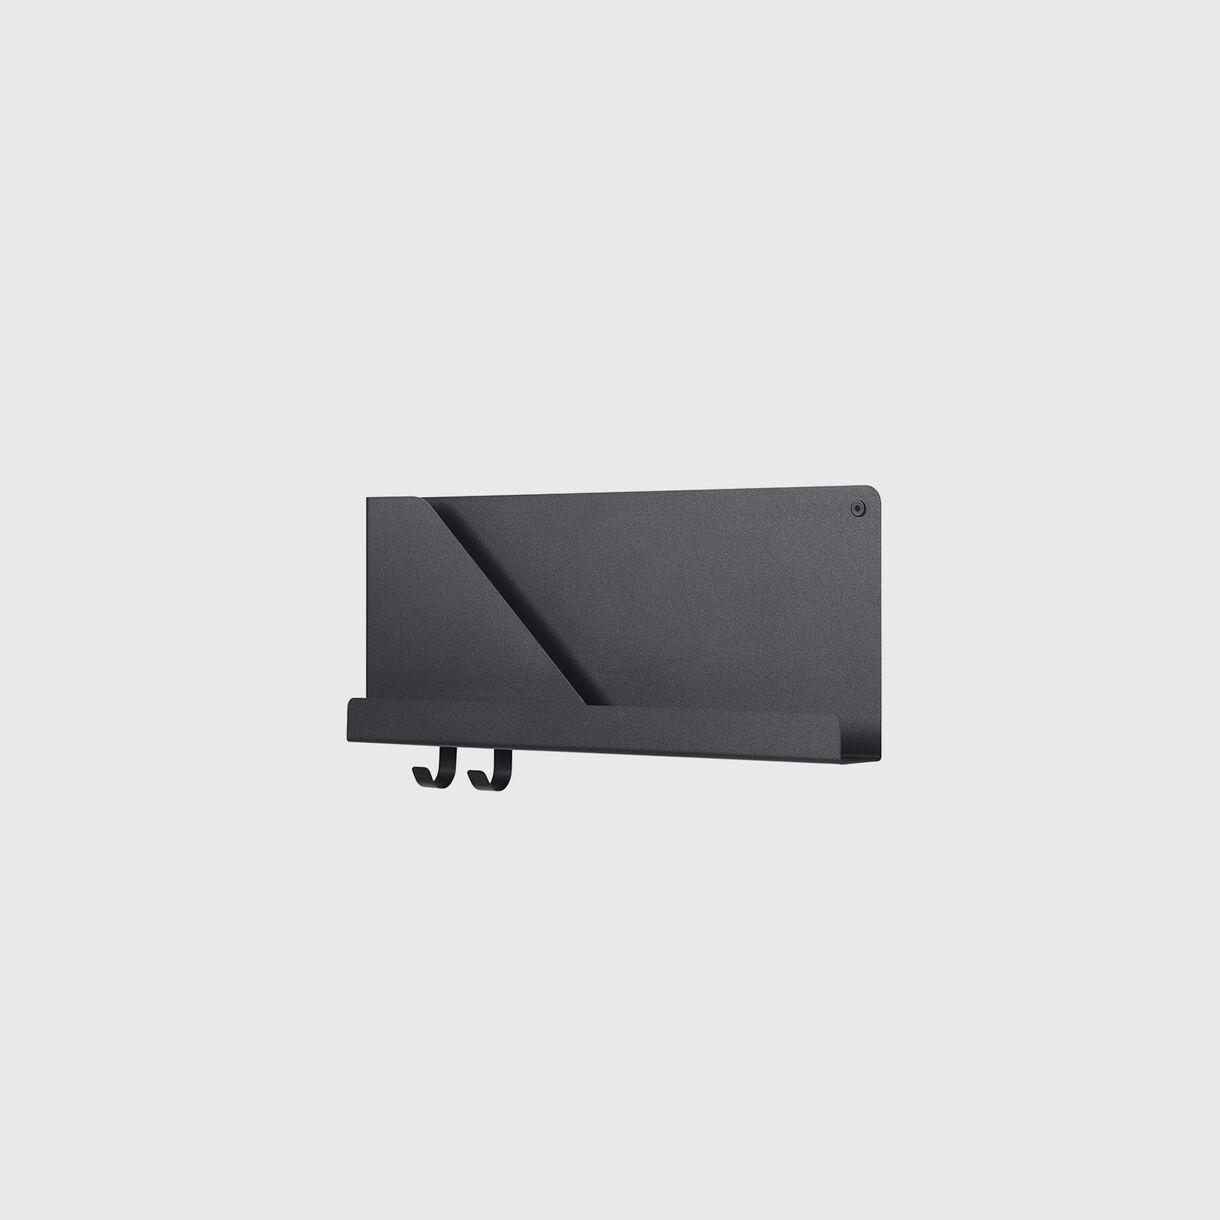 Folded Shelves Small, Black